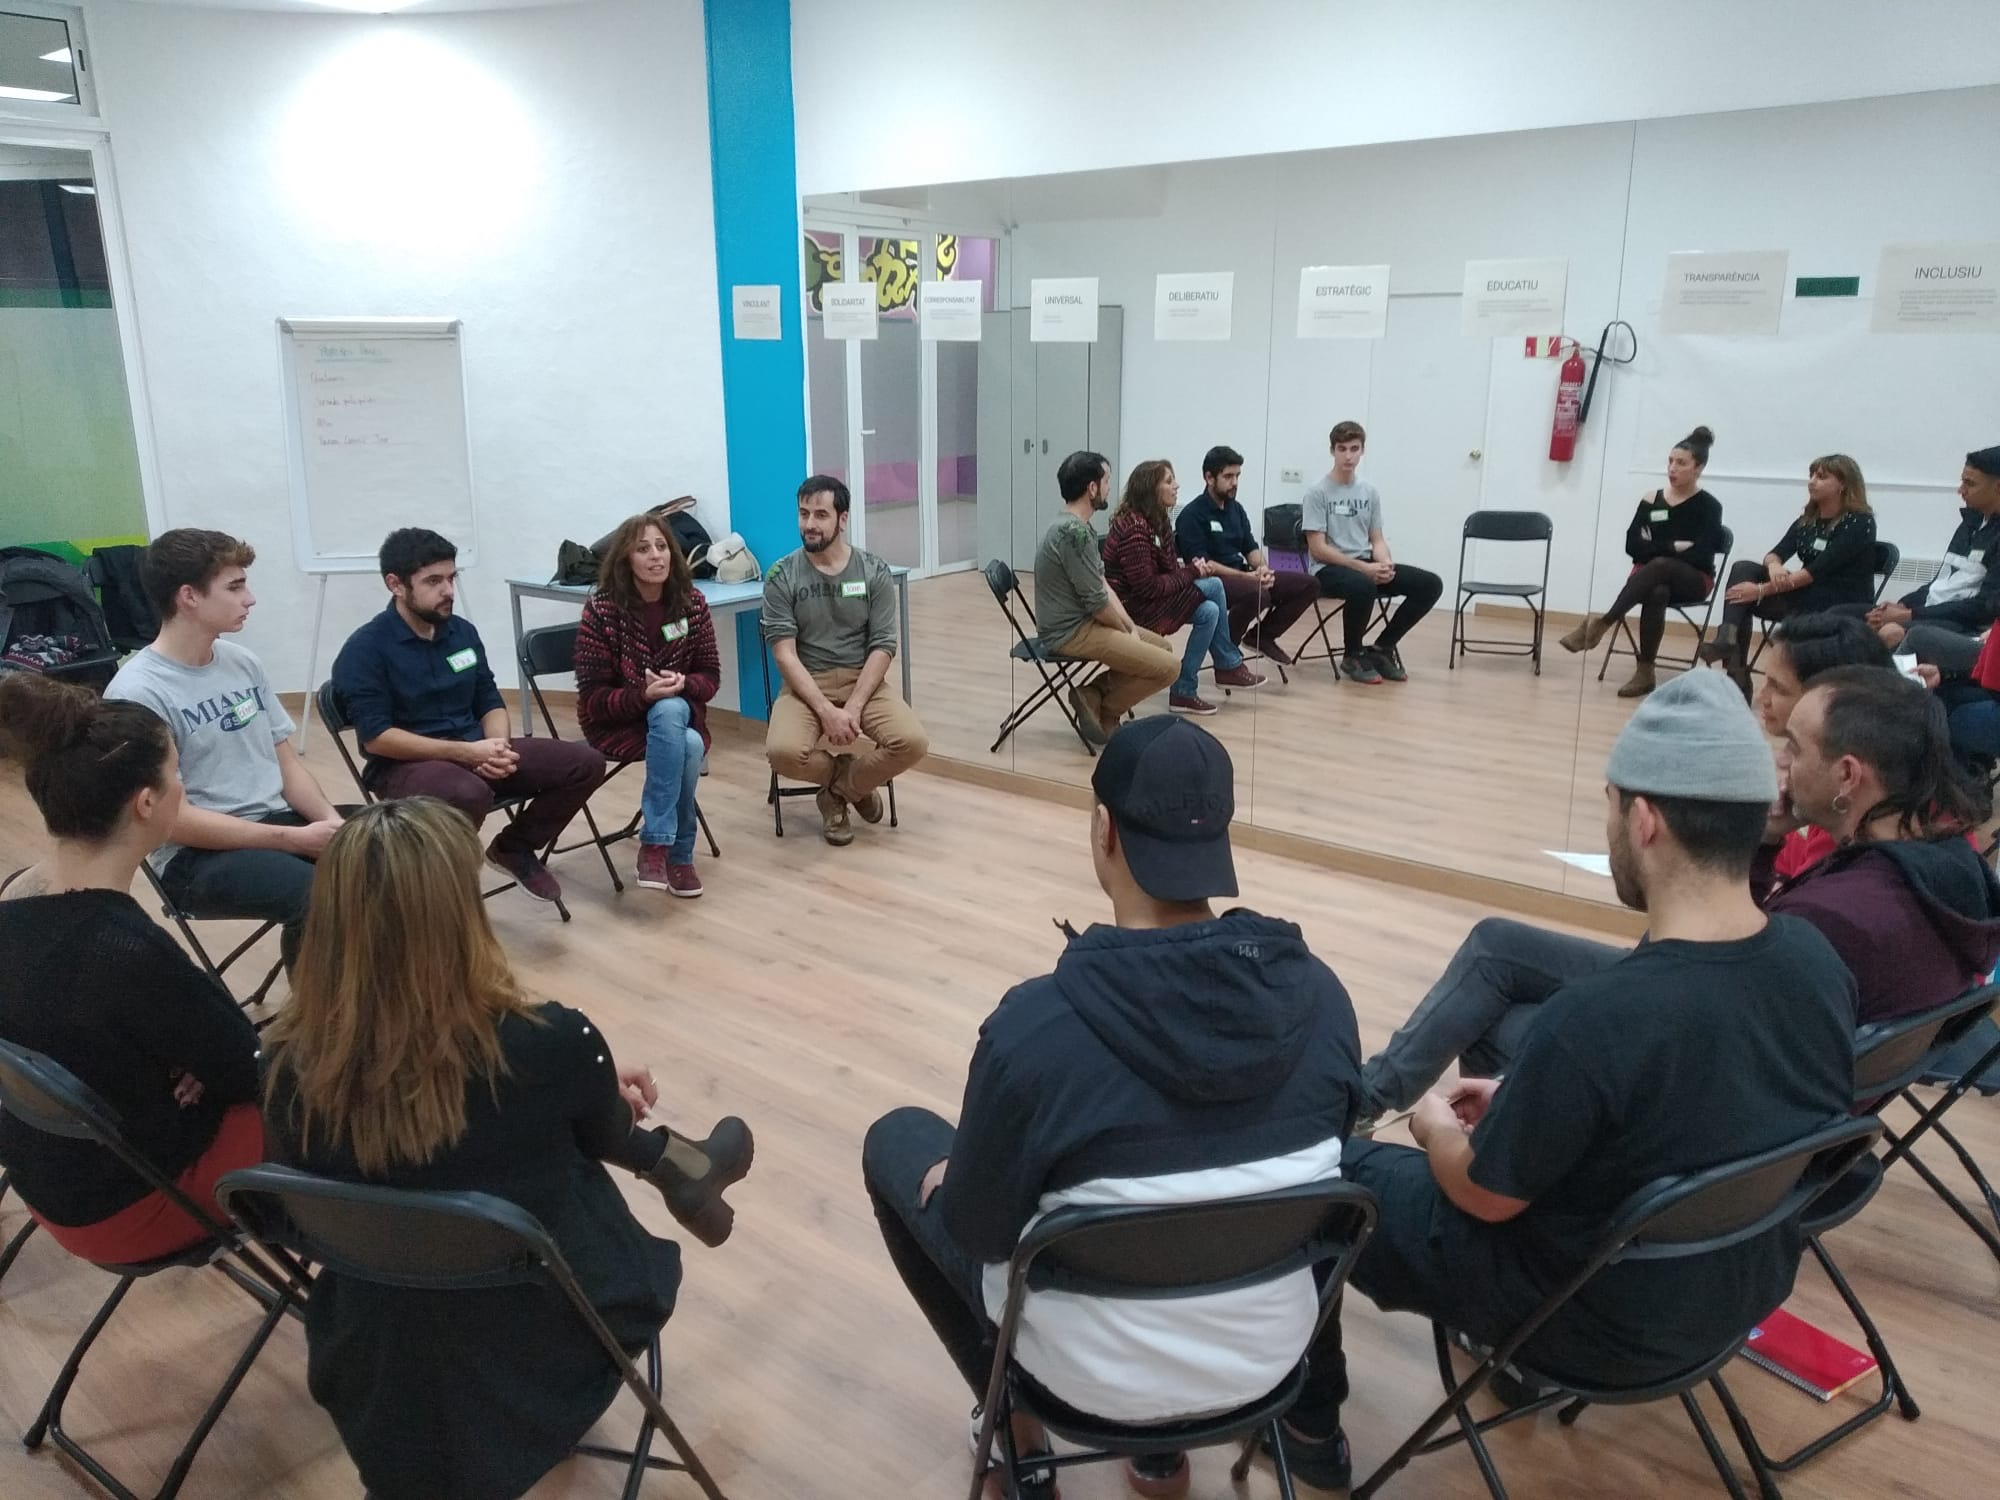 L'Ajuntament de Roses dona veu als joves per decidir les polítiques de joventut dels propers 4 anys